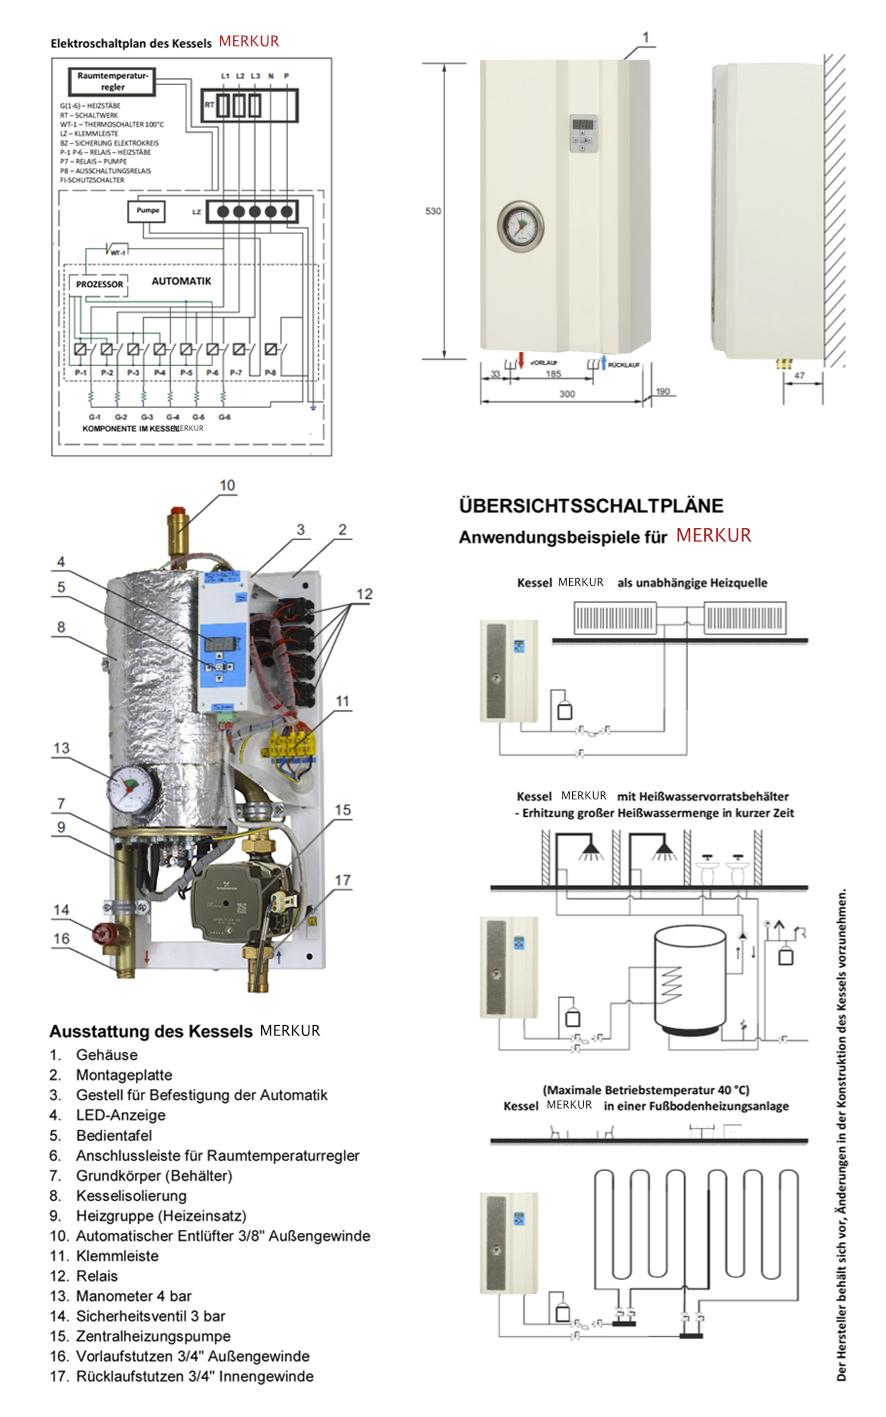 luxheizung elektrische heizanlage elektro heizkessel heiztherme 6kw merkur ebay. Black Bedroom Furniture Sets. Home Design Ideas